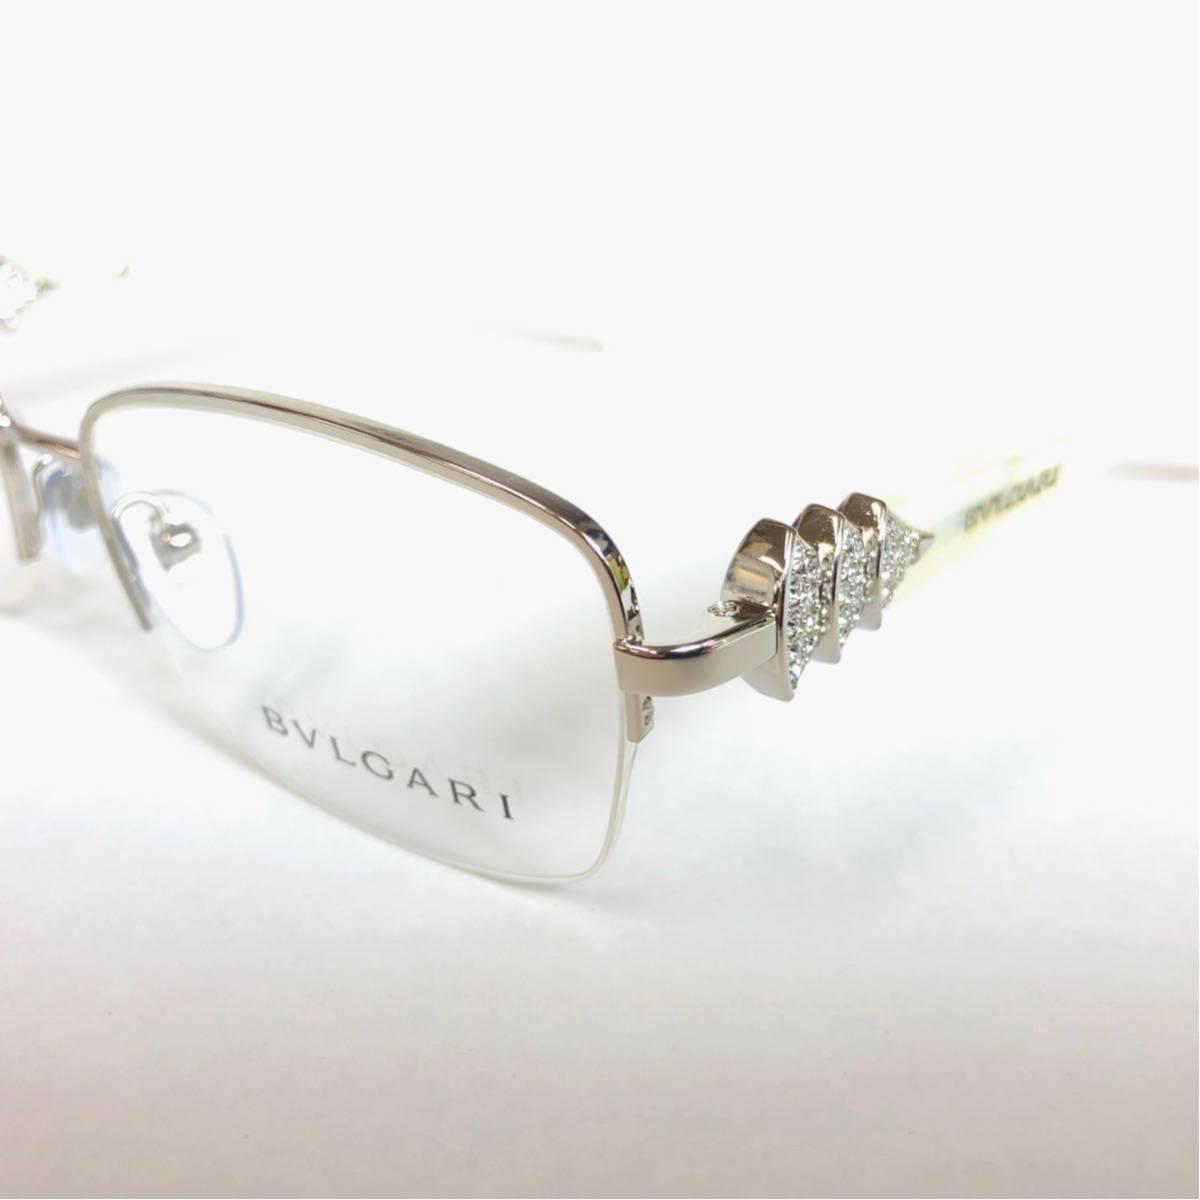 未使用 新品 BVLGARI 正規品 1円スタート ハーフリム 眼鏡フレーム 2162-B ホワイトマーブル めがね ブルガリ イタリア製 N38_画像3